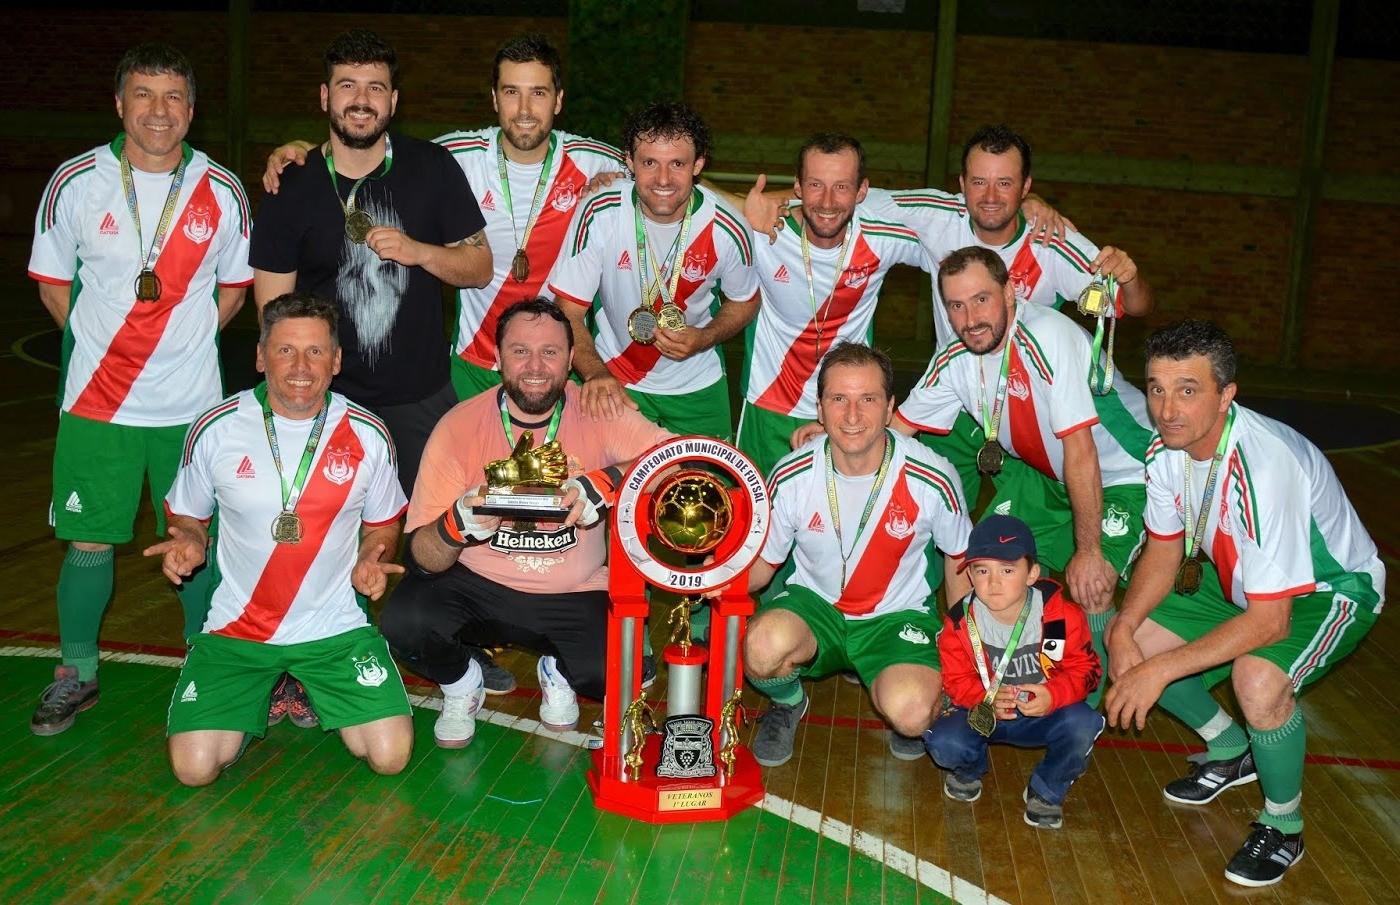 Peru conquista o título do futsal veteranos de Nova Pádua